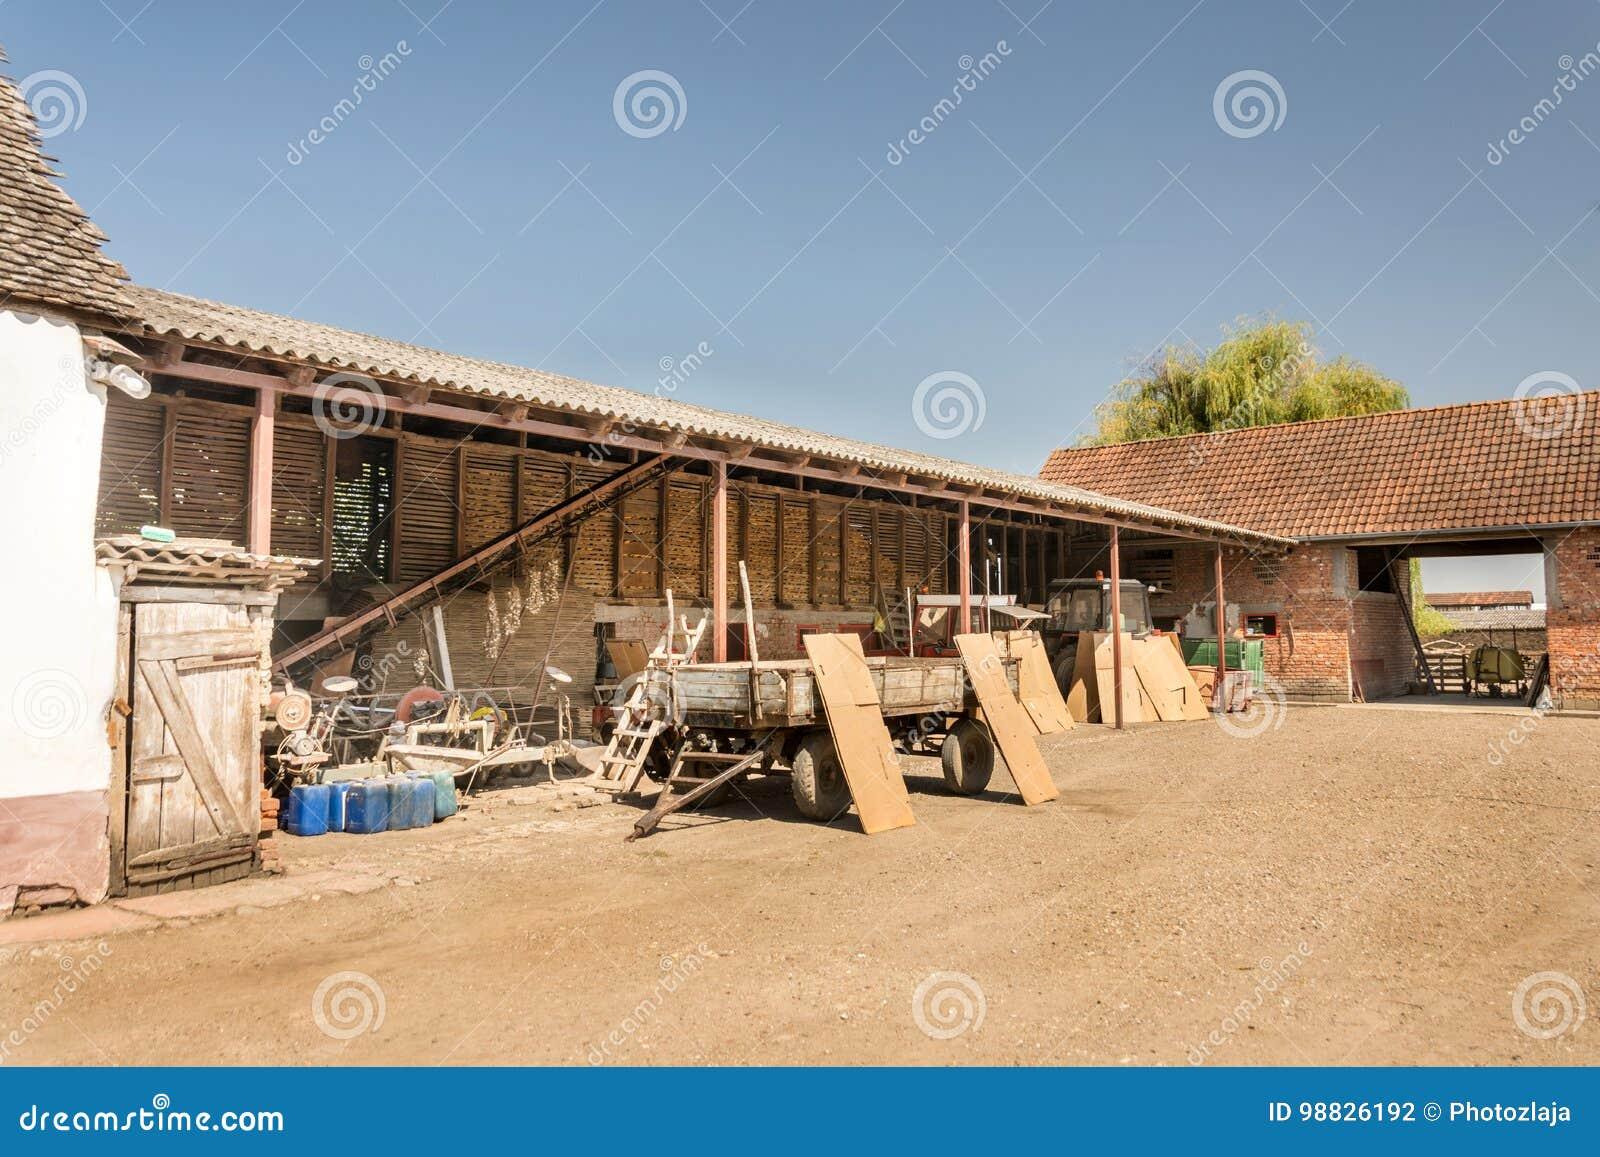 Gospodarstwo domowe w wiosce z stajenkami i ciągnikami w jardzie